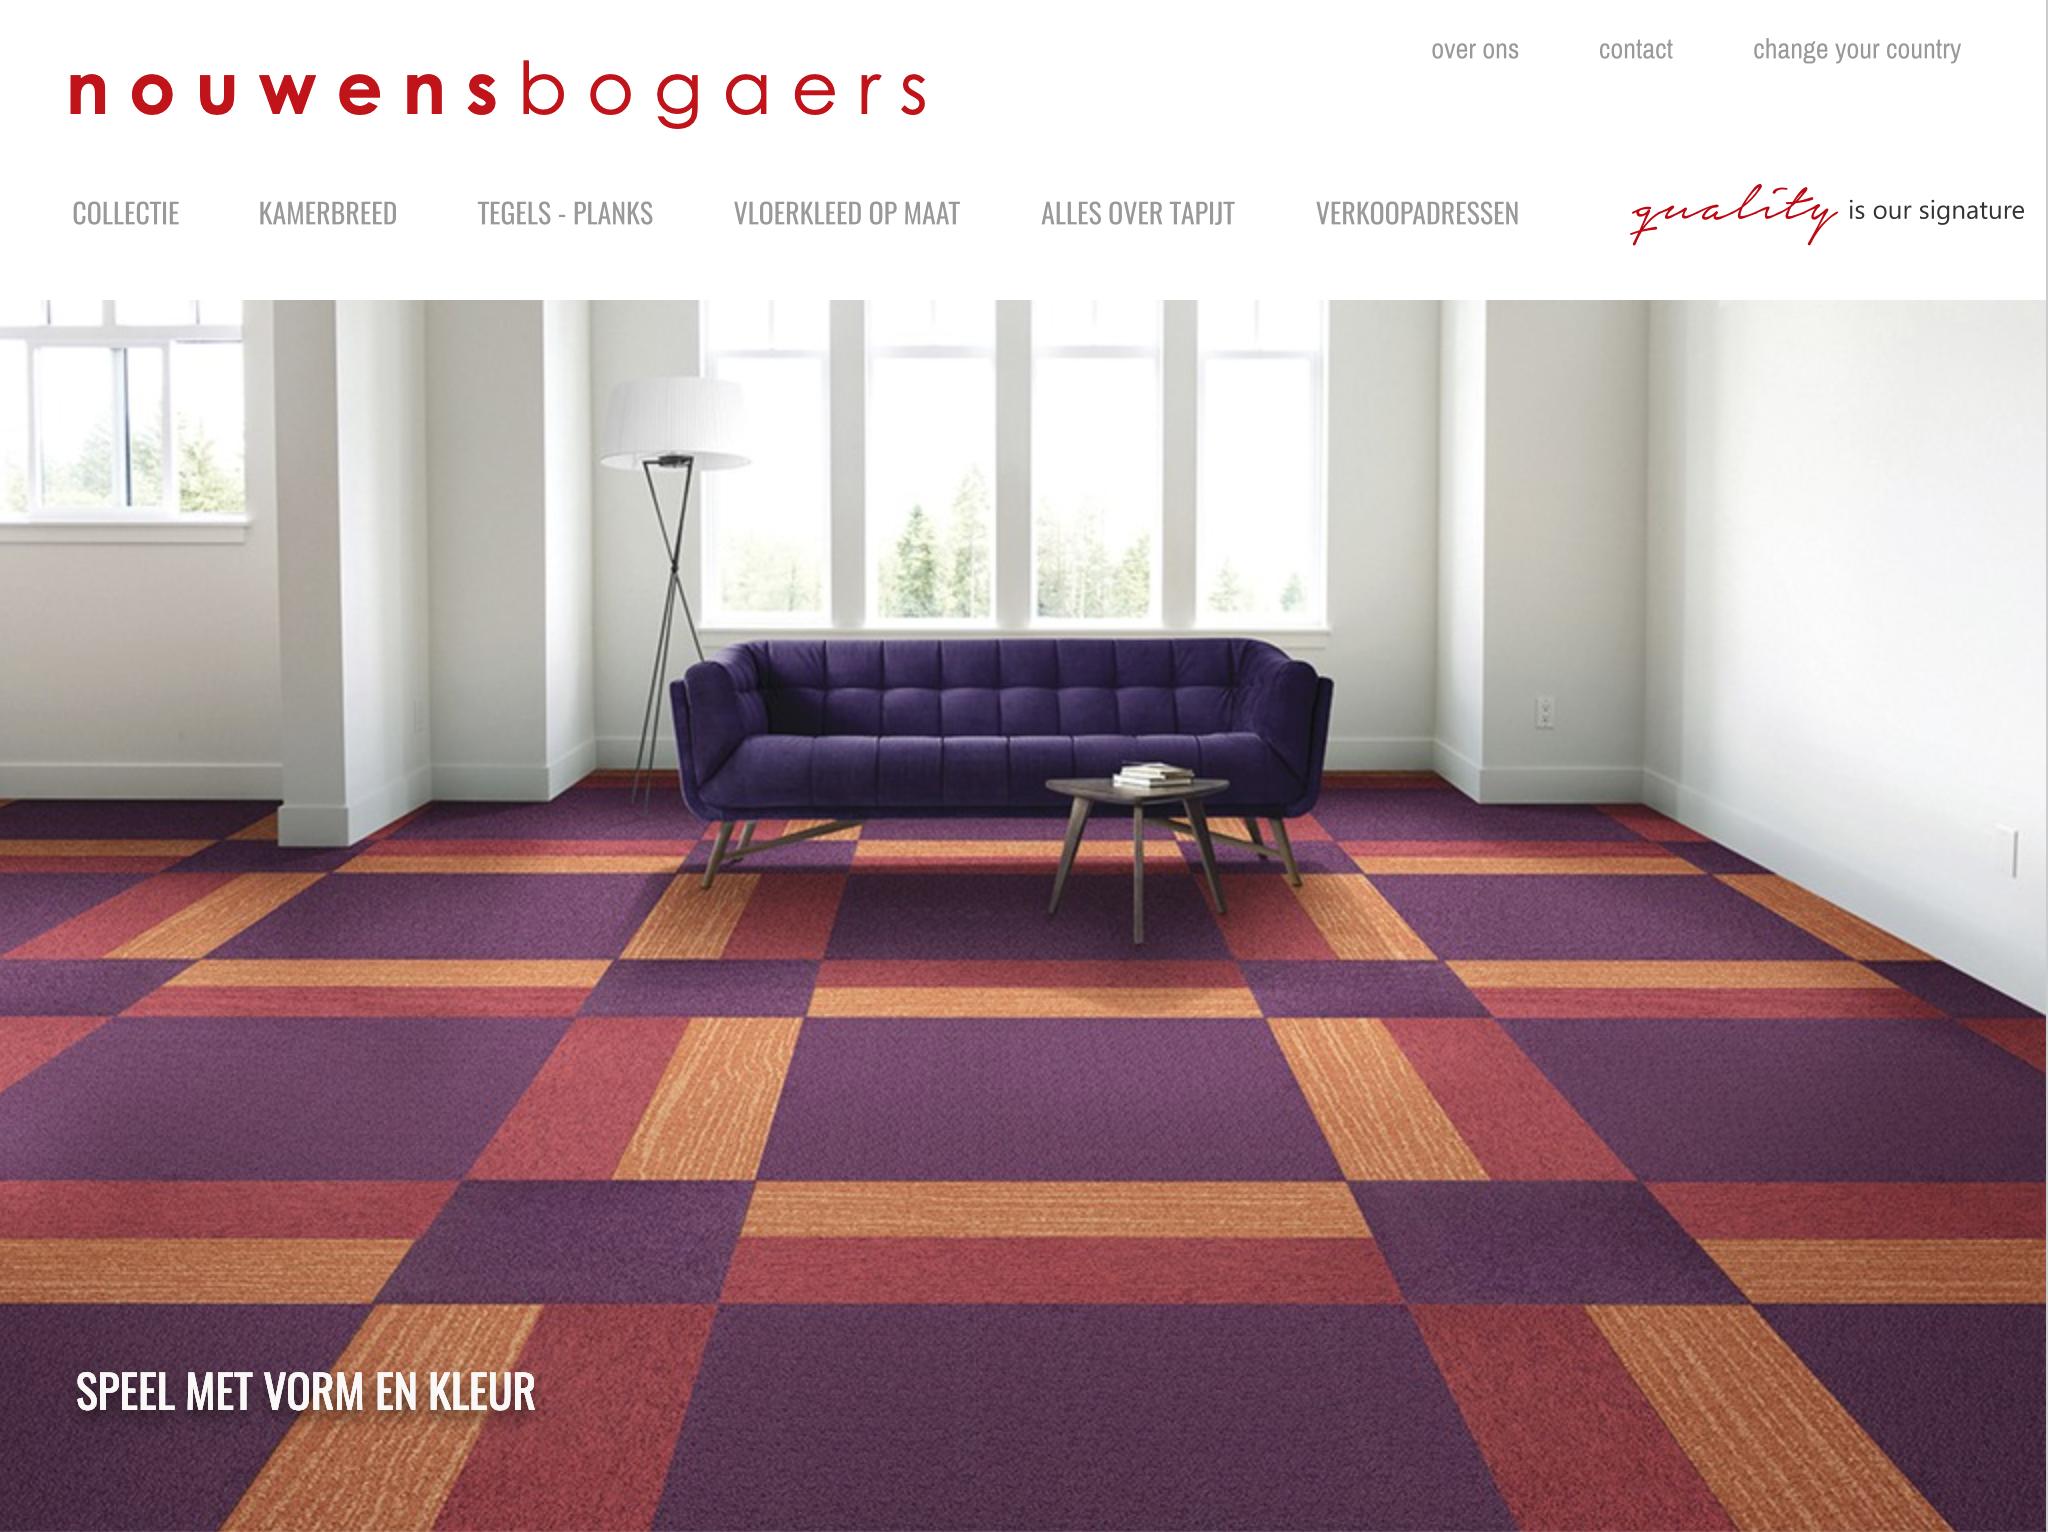 Bekijk de tapijt collectie van Nouwens Bogaers